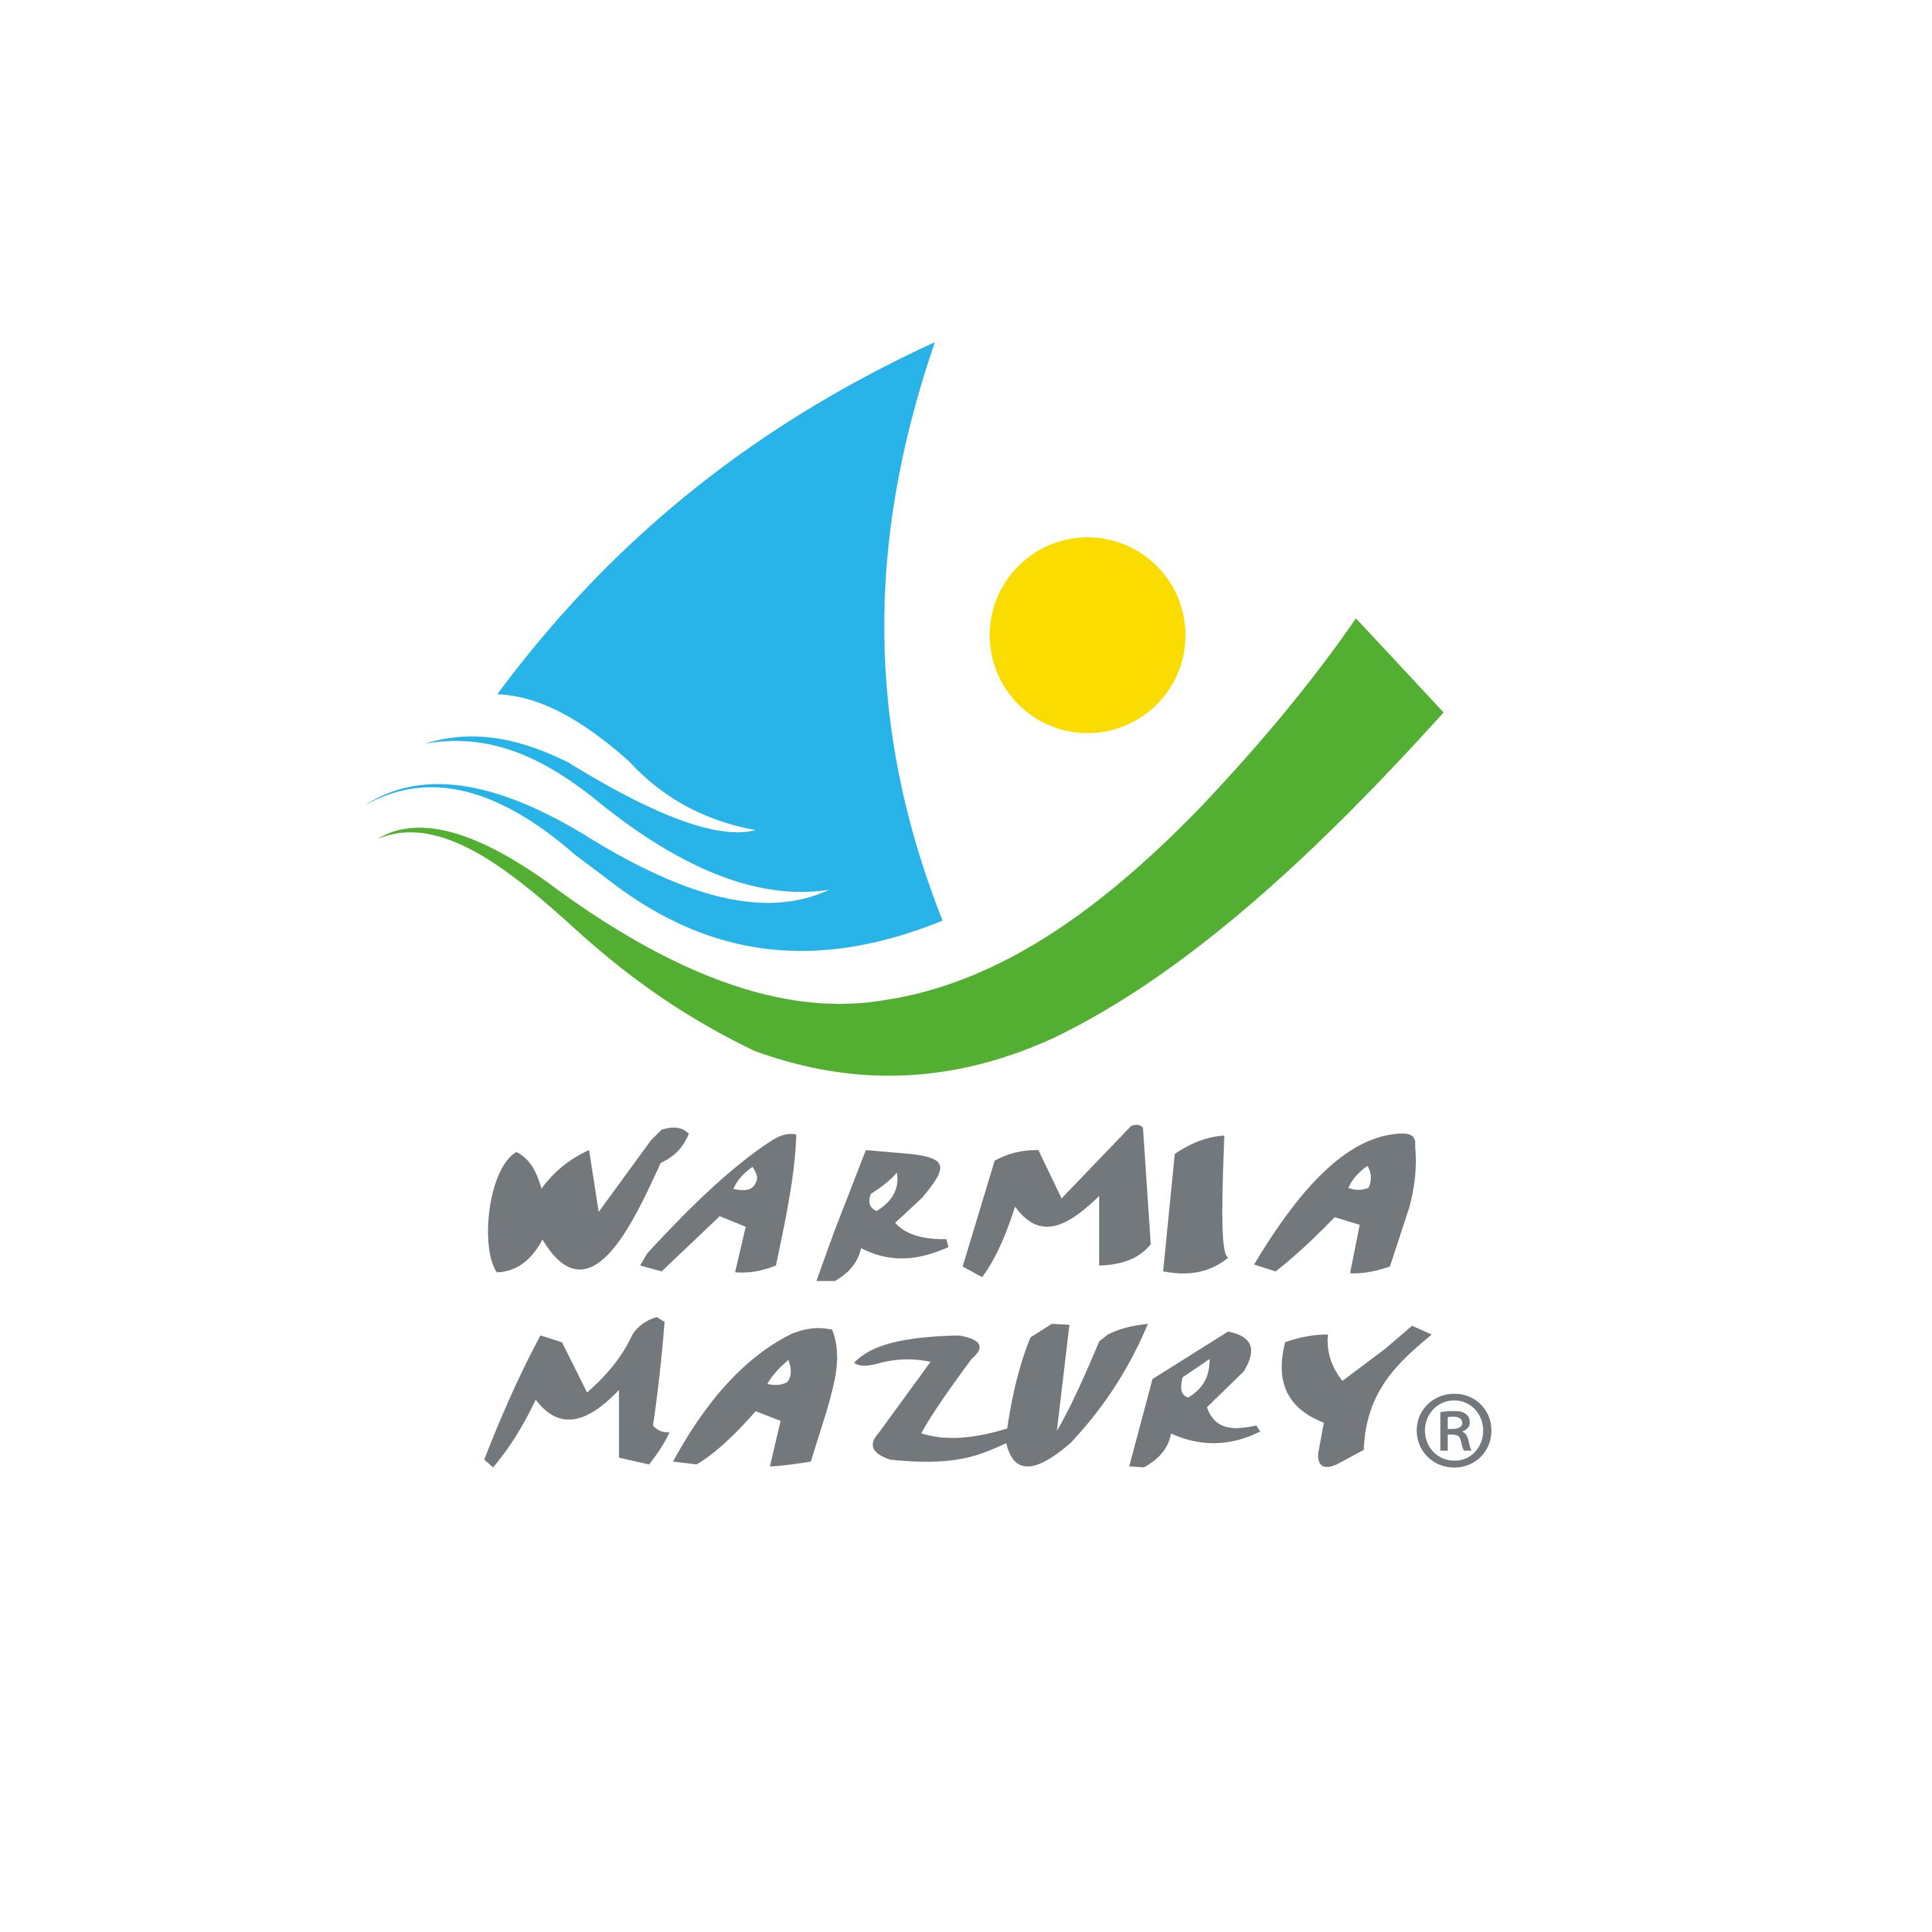 http://m.wmwm.pl/2017/04/orig/warmia-mazury-logo-kolo-rgb-5687.jpg